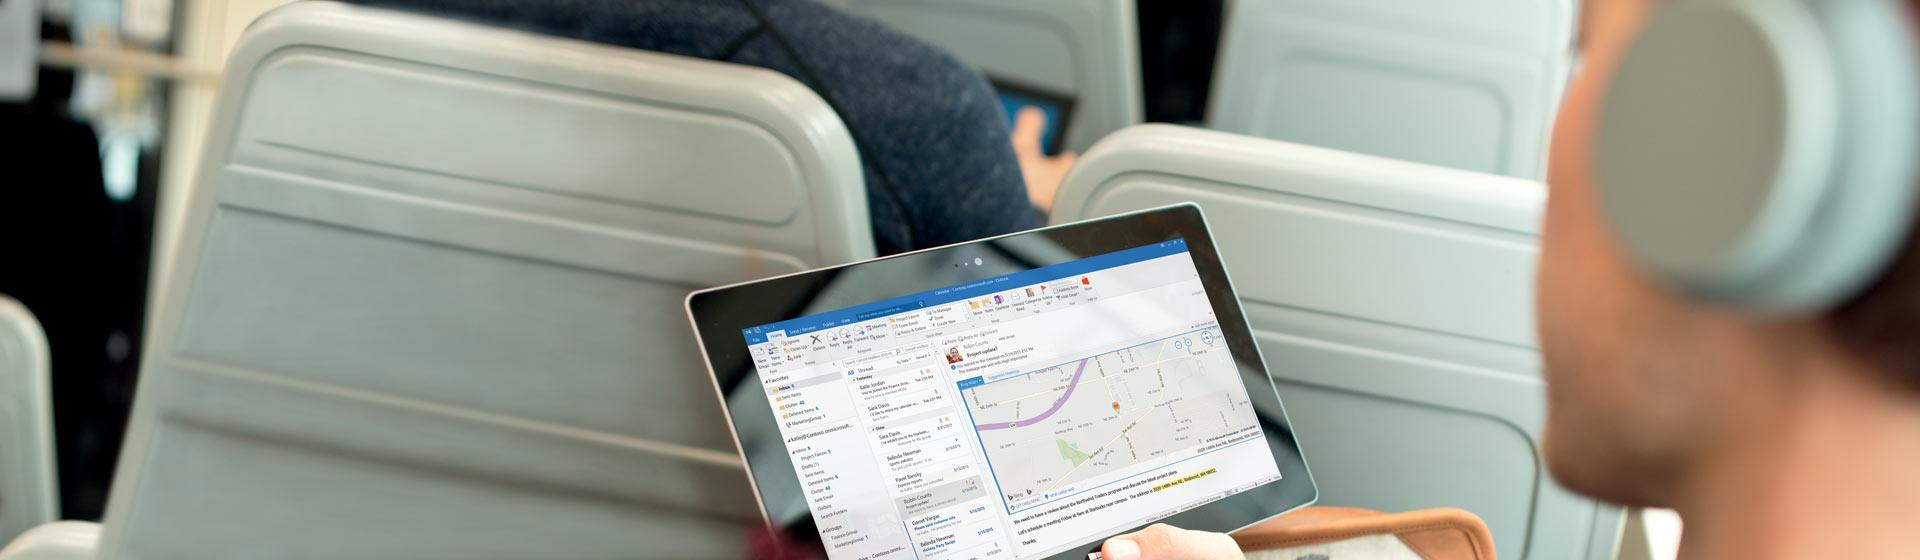 Un hombre que sujeta una tableta en la que se muestra su buzón de entrada de correo electrónico en Office 365